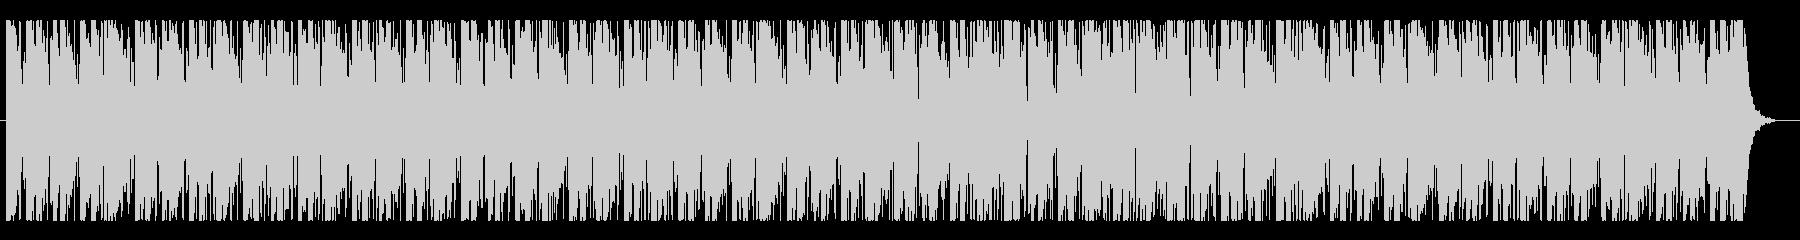 夏の終わり 切ないキラキラ系エモビートの未再生の波形